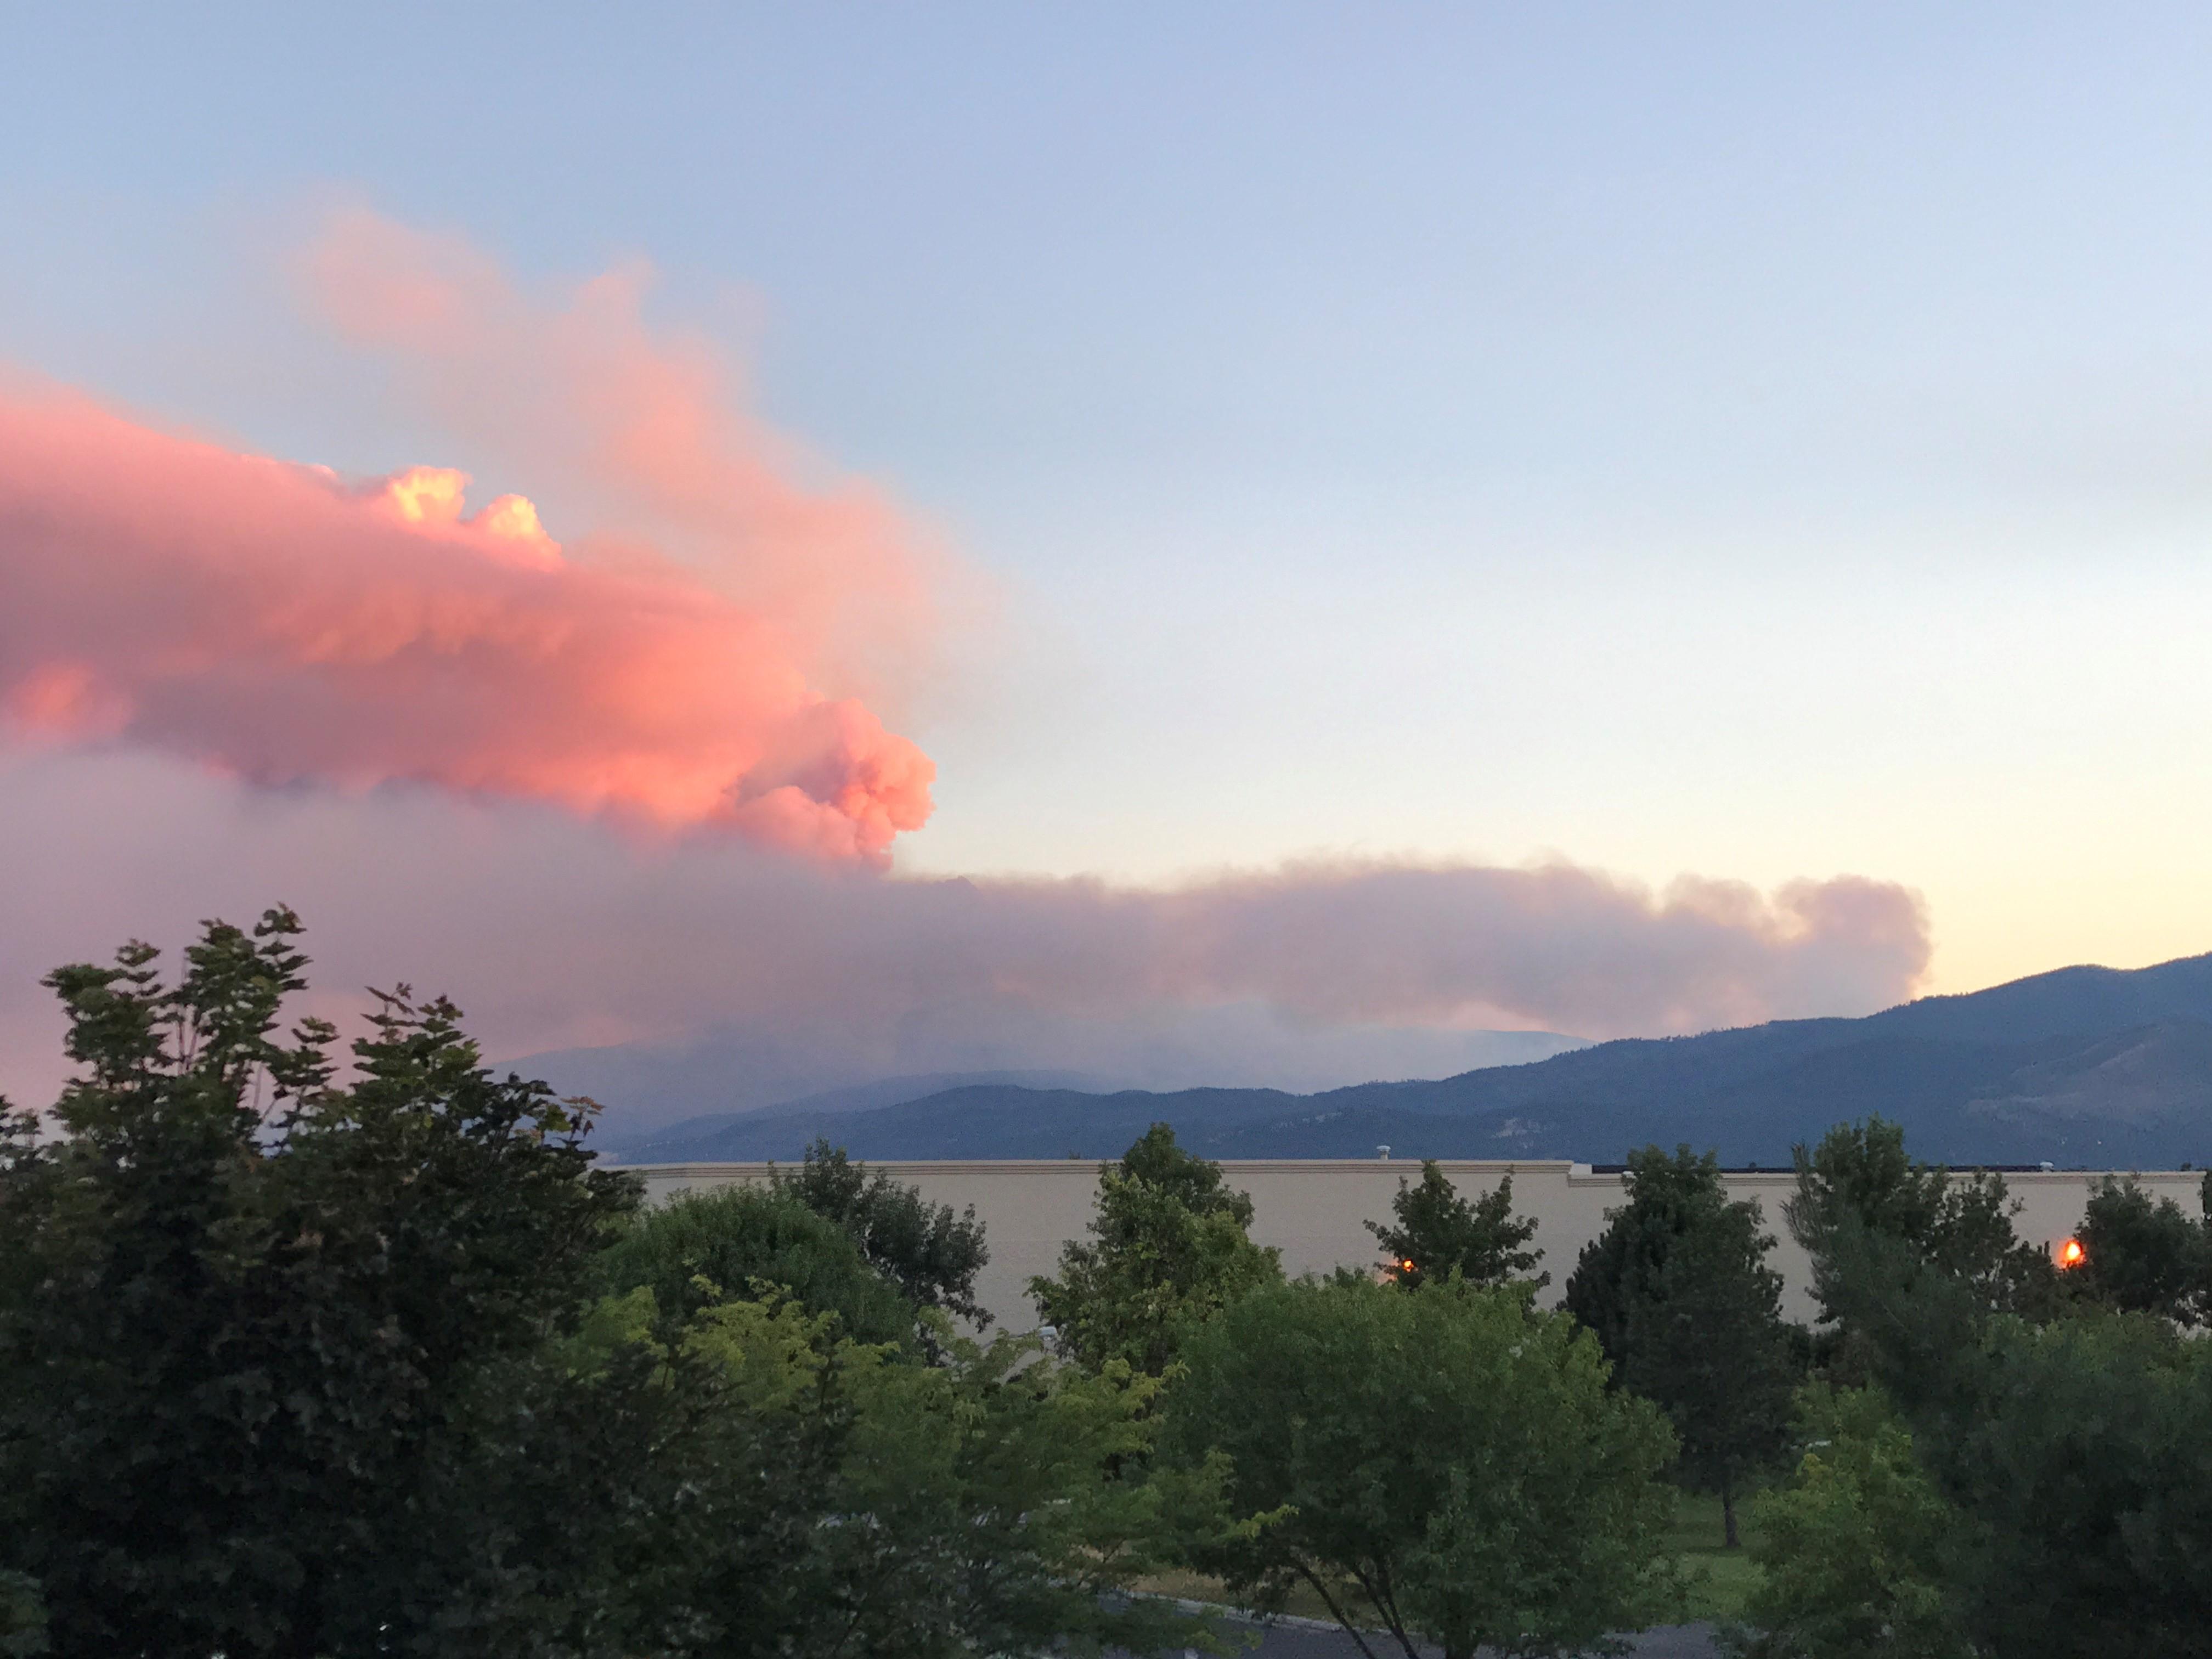 Lolo Peak Fire Wikipedia